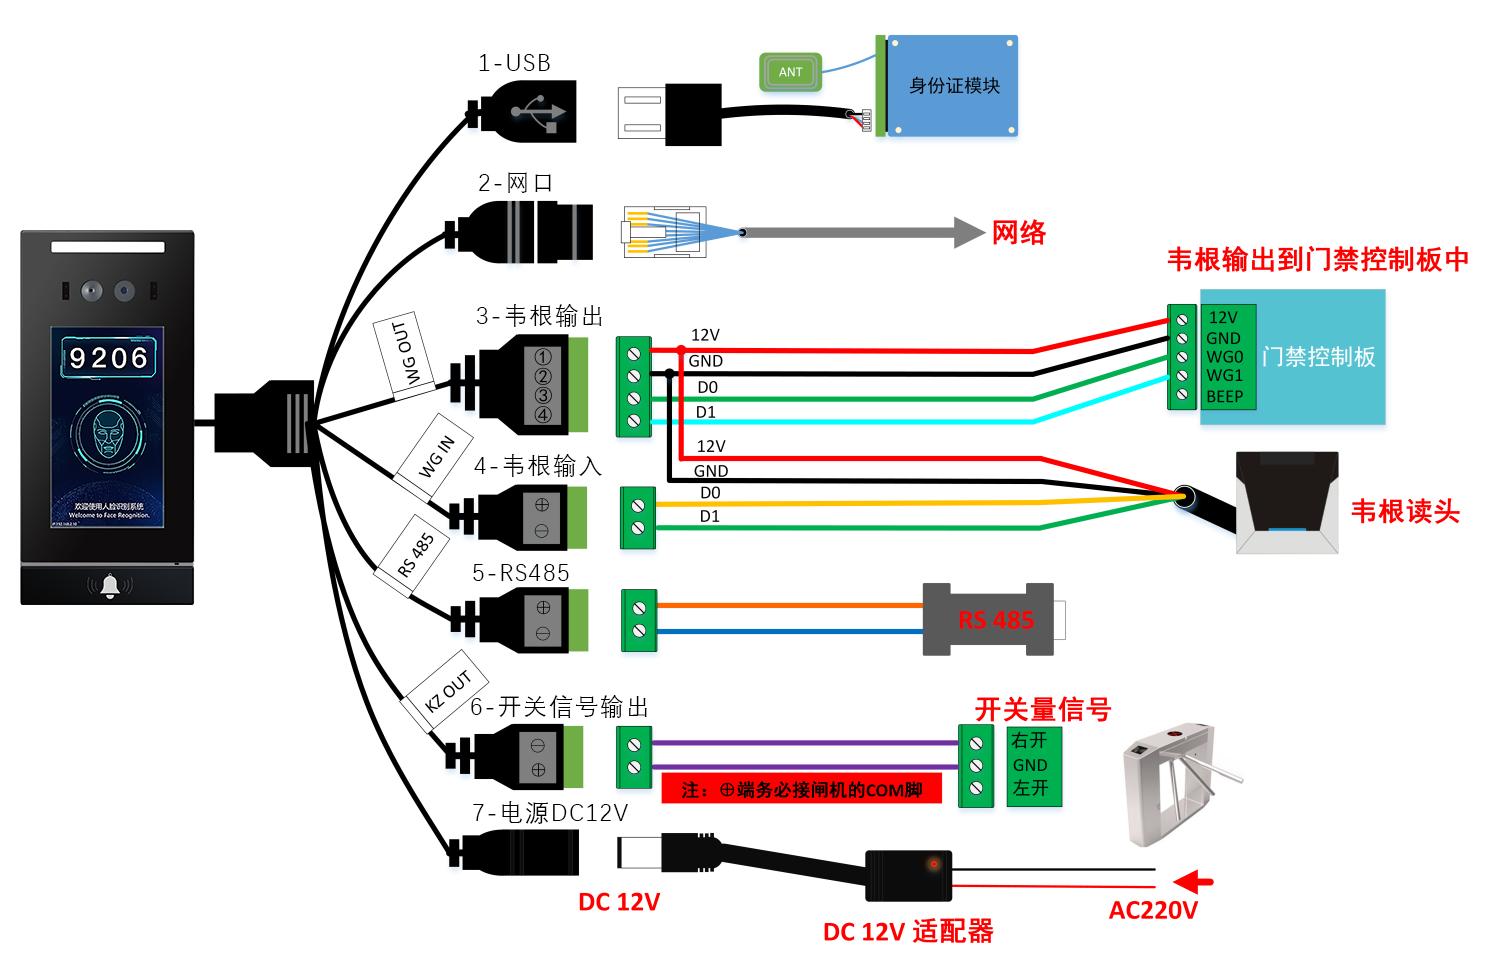 汉玛智慧HM3101人脸识别终端机(智能人脸识别门禁系统方案)-产品接口定义图